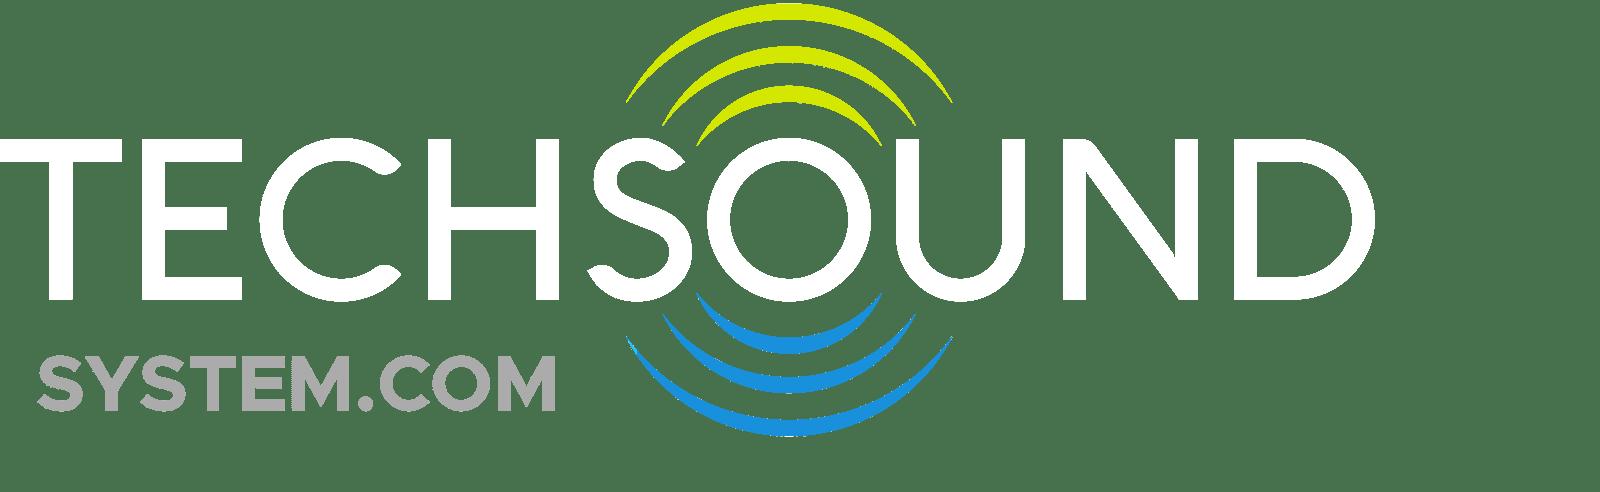 Techsoundsystem.com